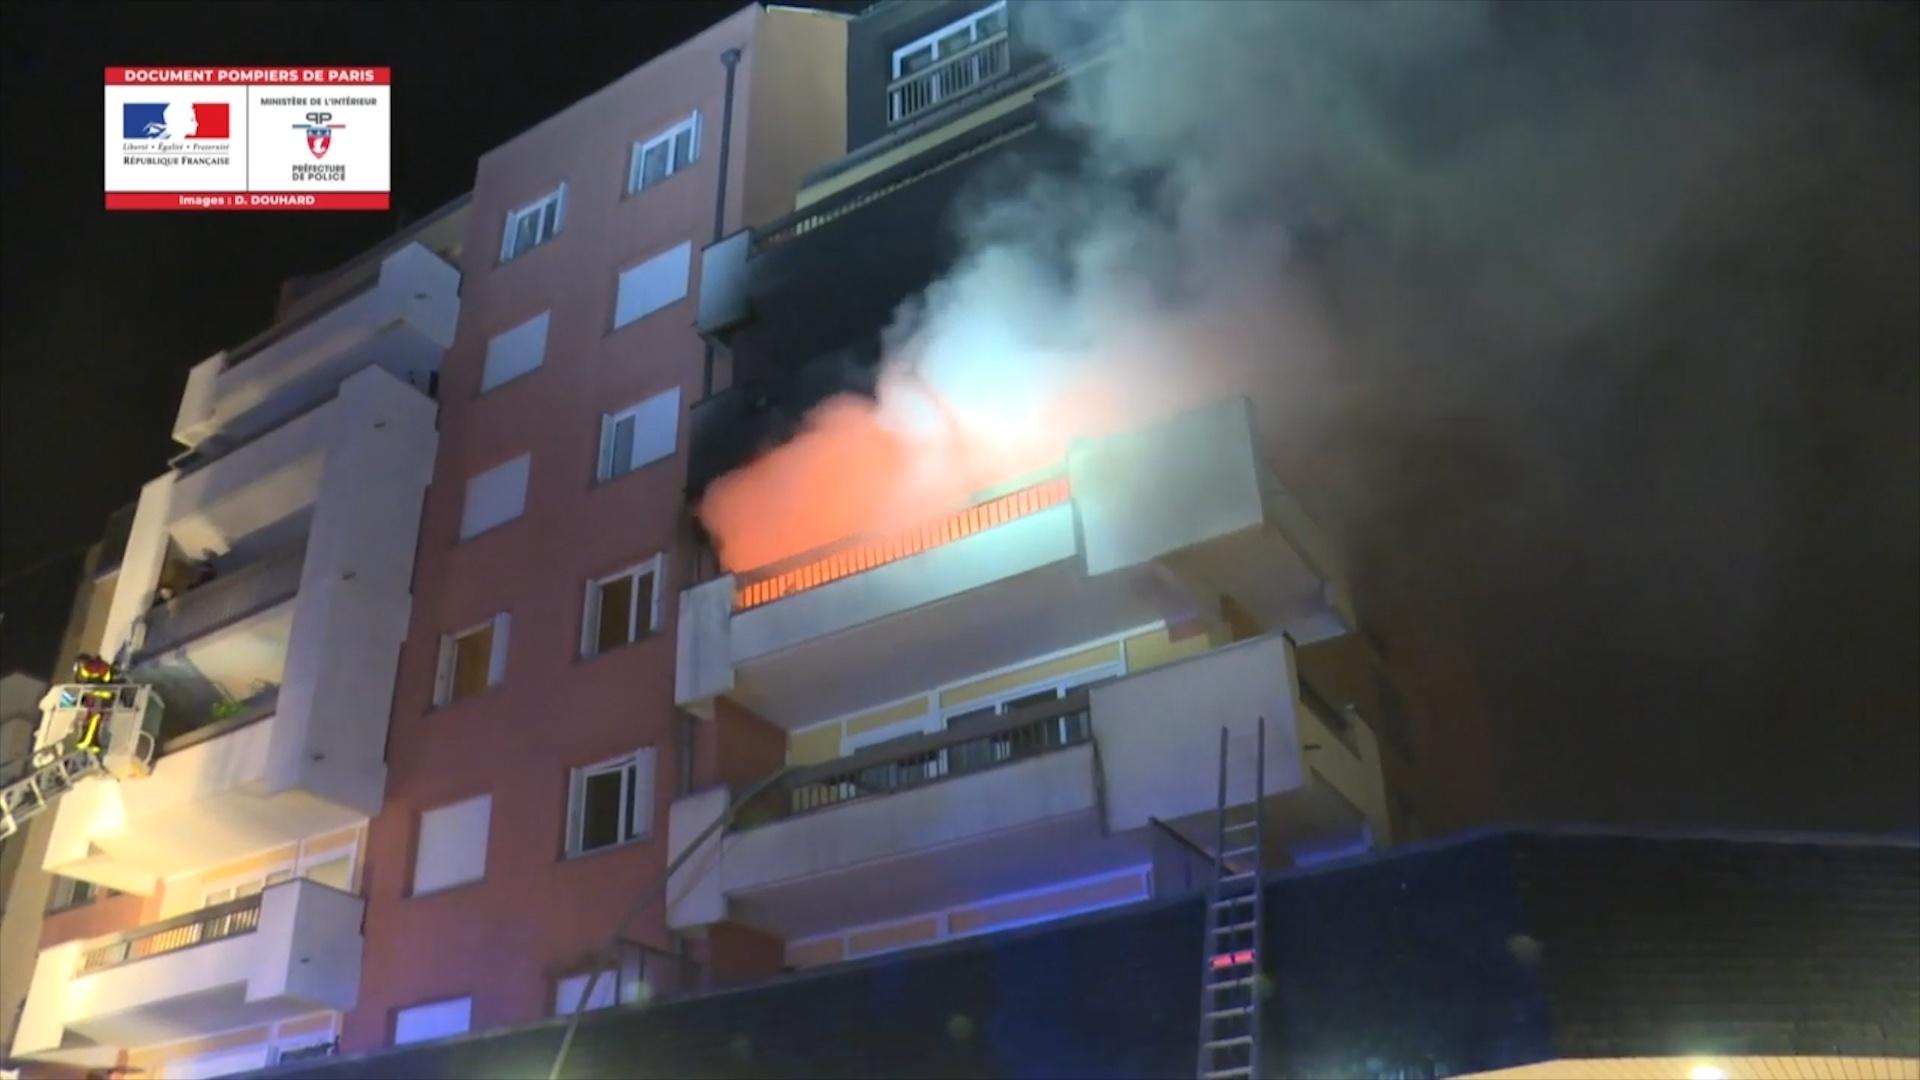 Tòa nhà bốc cháy gây chết người ở Paris